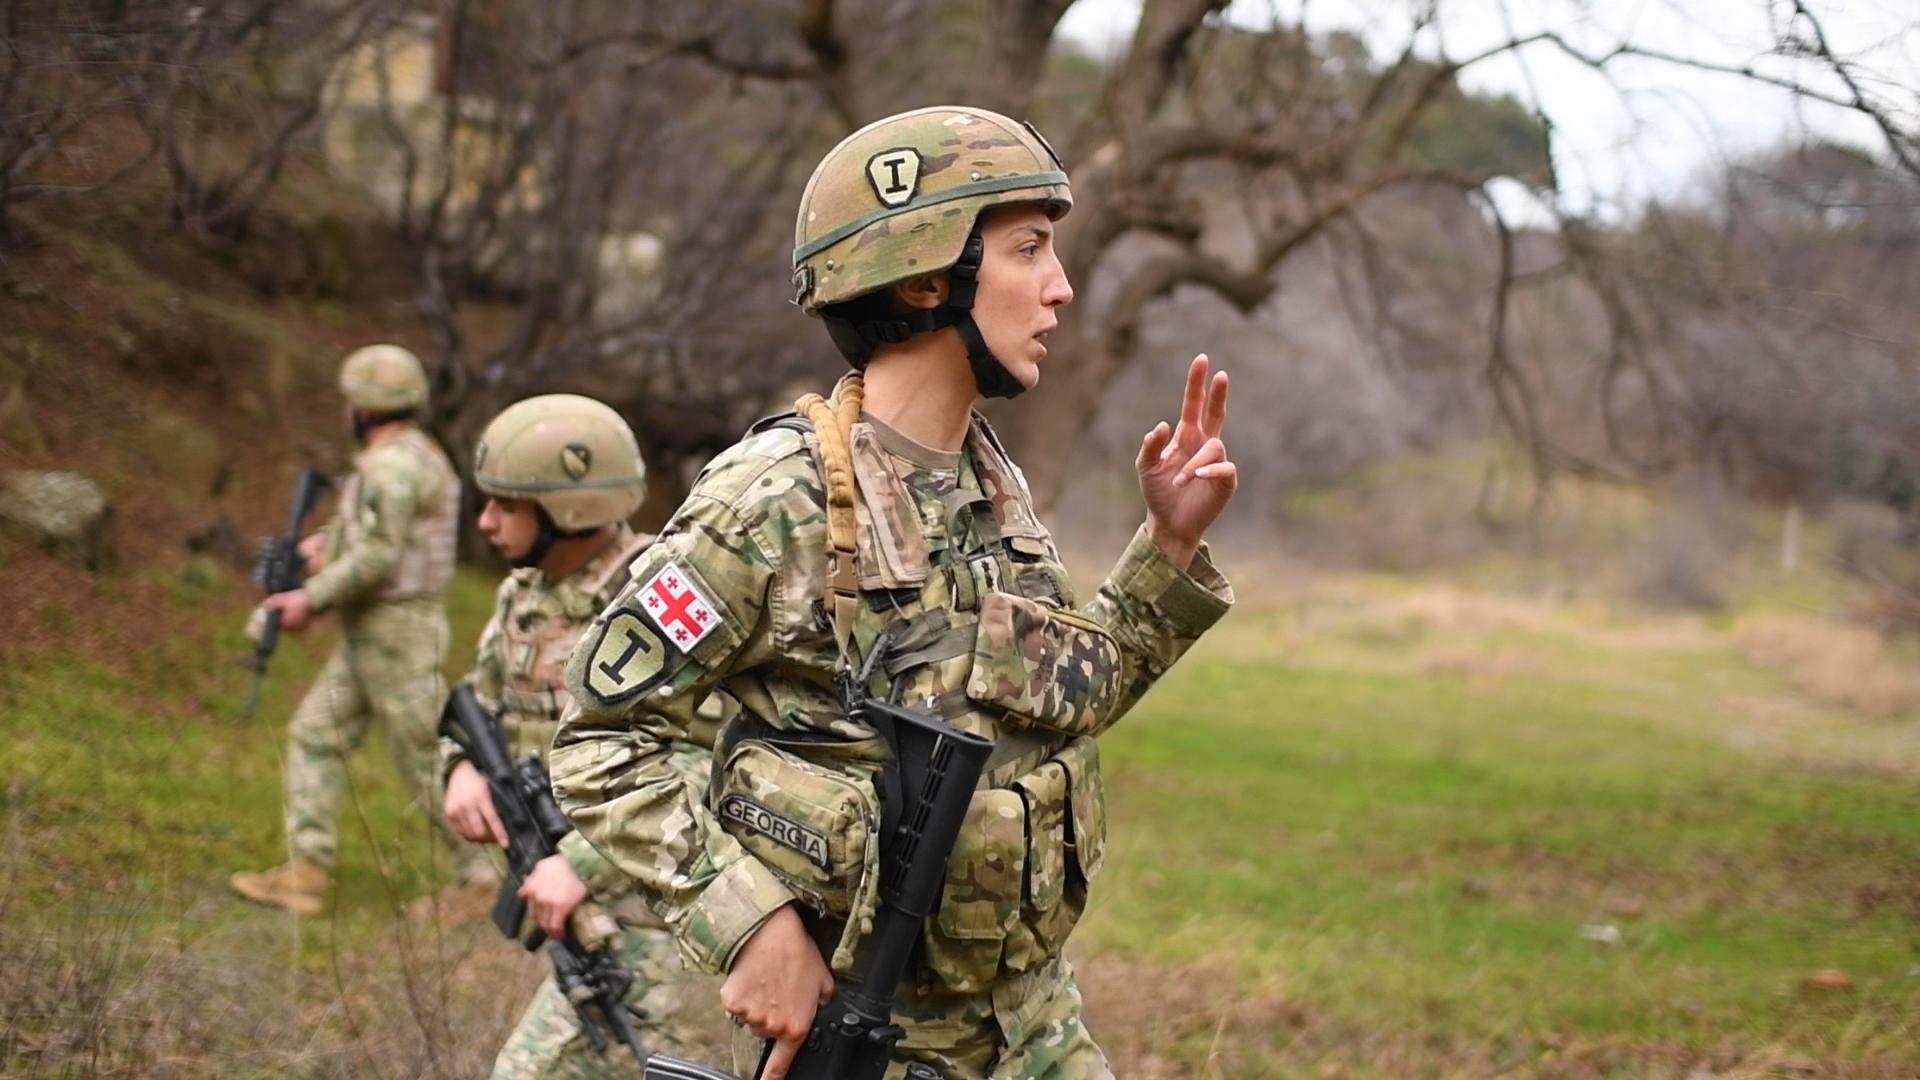 jilda 0130 #НАТО featured, Абхазия, Грузия, Джильда Цурцумия, Министерство обороны Грузии, НАТО